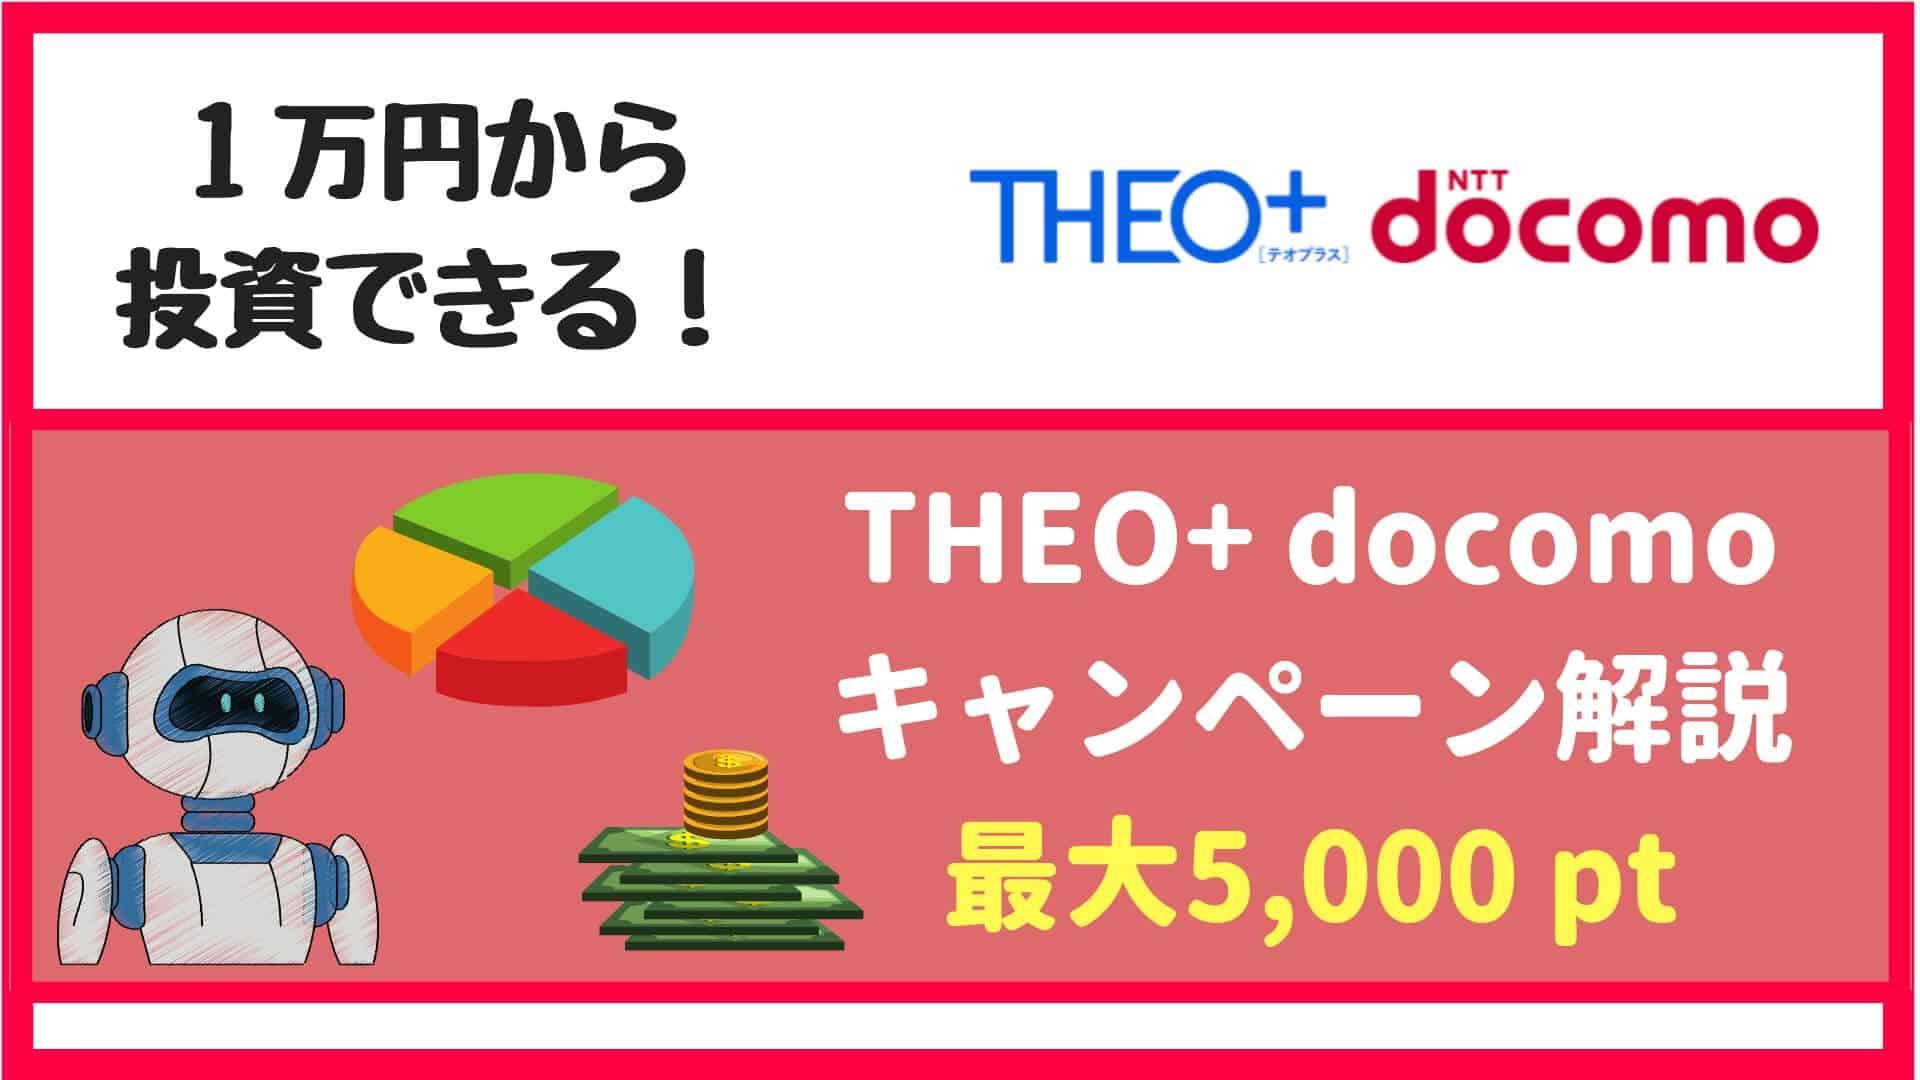 THEO+docomoキャンペーン【2019年6月】積立で5,000 dポイント(最大)が貰える